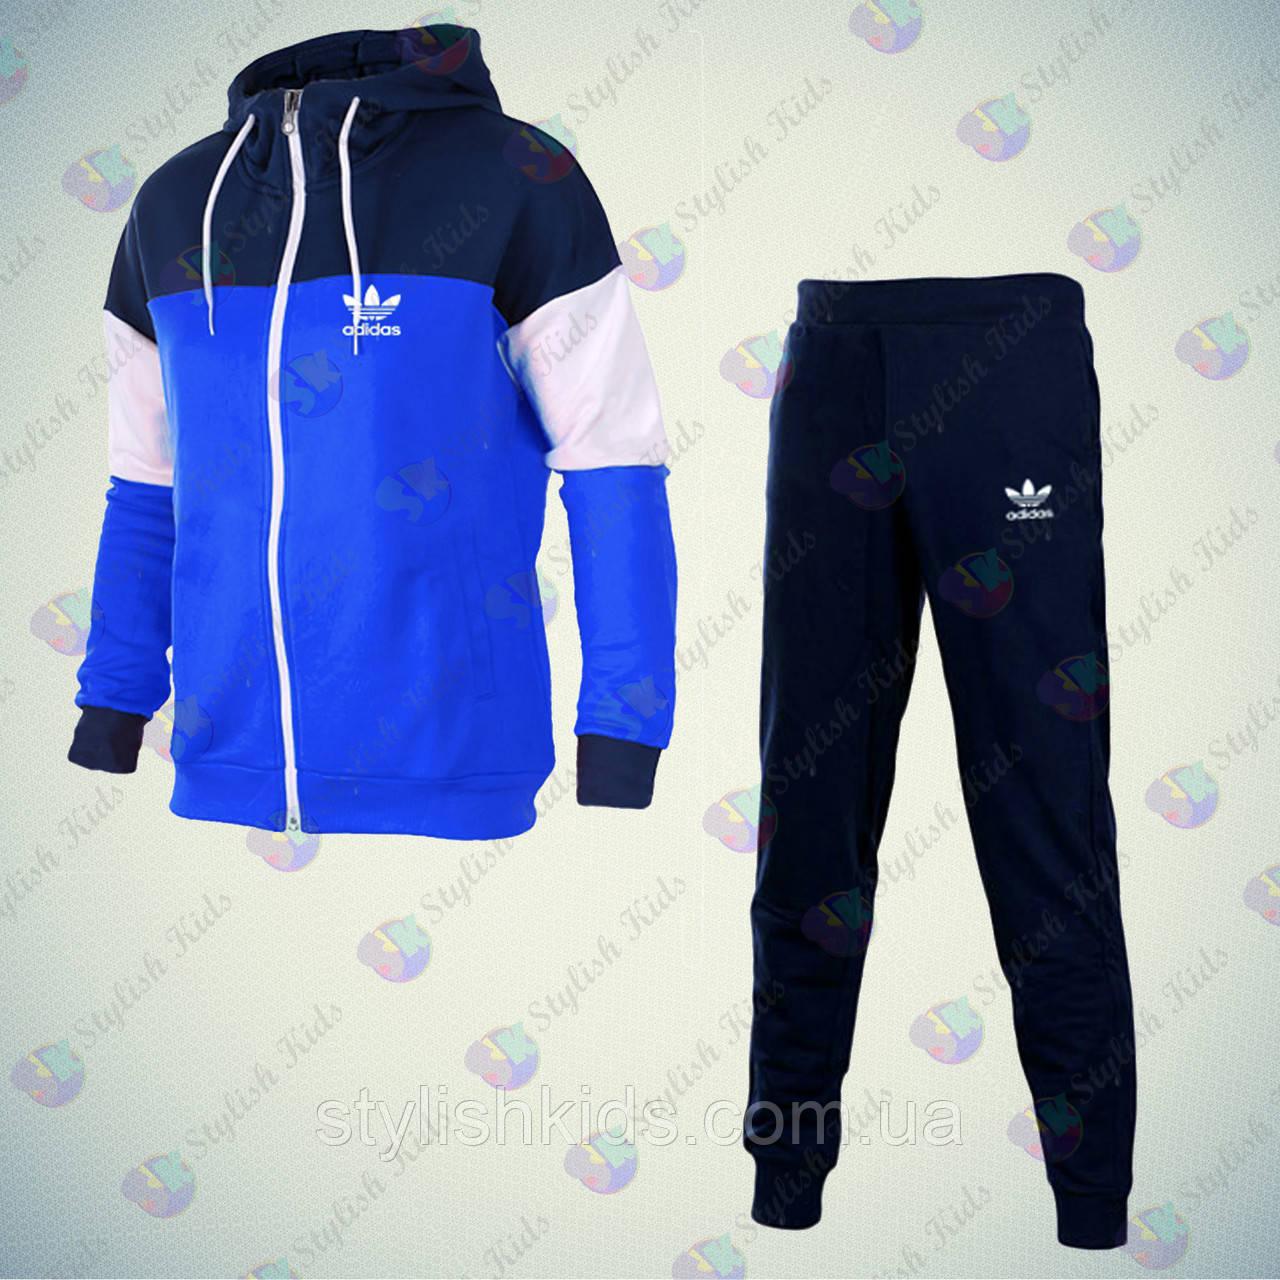 4c47894db7e591 Спортивный костюм для мальчика адидас в Украине.Детские спортивные костюмы  Adidas в Украине пром.